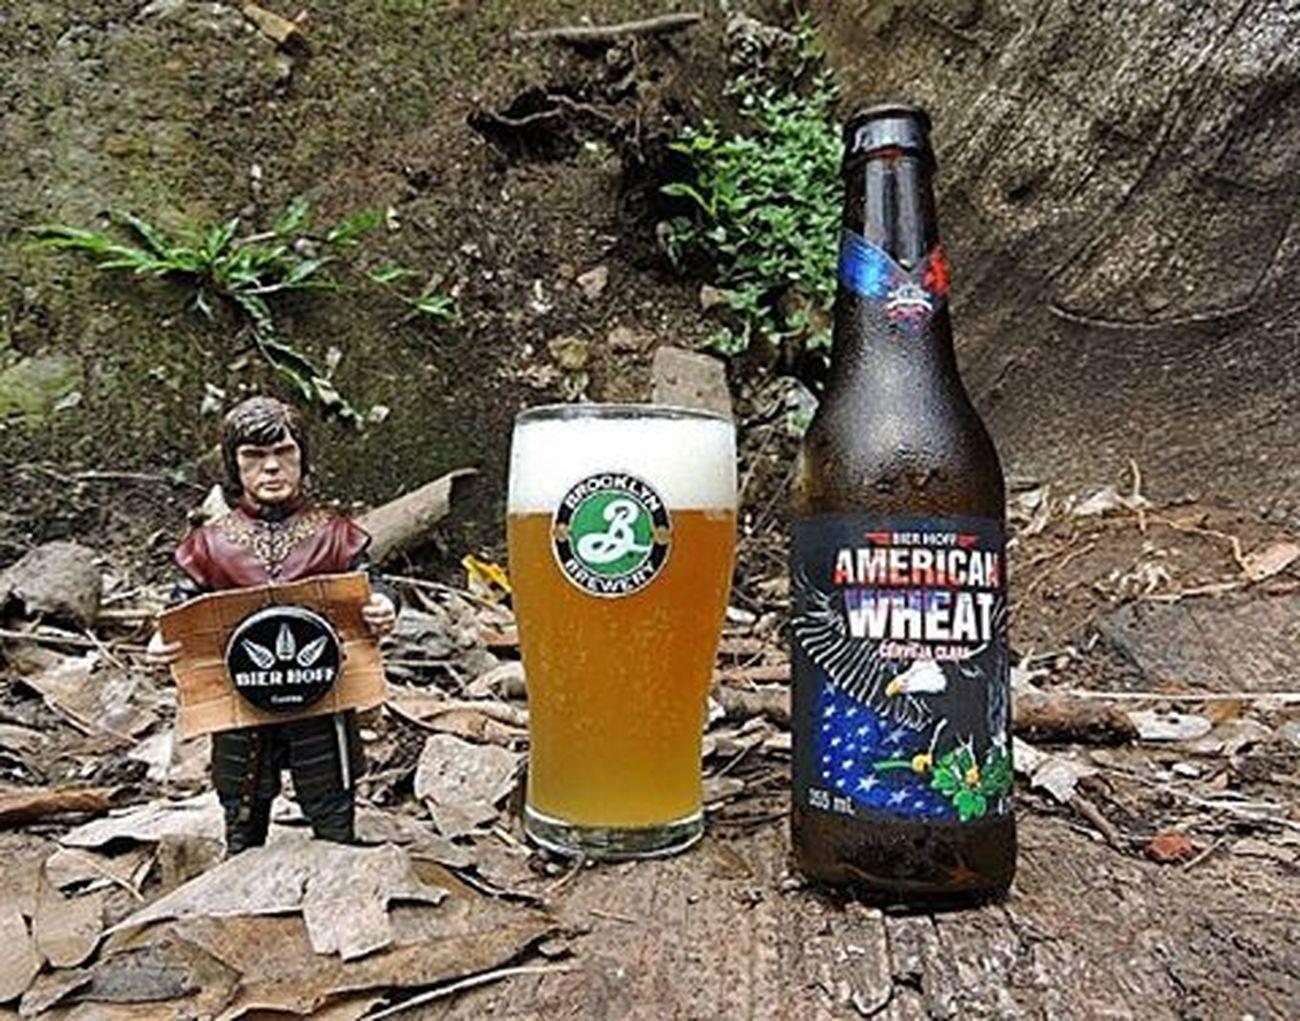 🍺 Bier Hoff American Wheat 🍺 Ganhadora da medalha de ouro no South Beer Cup 2015 na categoria German White & American Wheat & Rye. Cerveja de trigo do estilo American Wheat, bem diferente das alemãs essa tem como características os lúpulos. Primeira que tomei do estilo e achei top demais. Ótima combinação. País: Brasil Graduação alcoólica: 4,7% BierHoff Americanwheat 9ninebeers Cheers Cerveja Beer Beers Beergarden  Beeradvocate Beerlove Craftbeer Pivo Beerpics Beerlife Beergasm Beersnob Cerveza Craftbrew Birra Instabeer Instacerveja Beerstagram Craftbeerlife Cervejaartesanal Beergeek beertimebeertographybeerpornbeernerdbeeroftheday